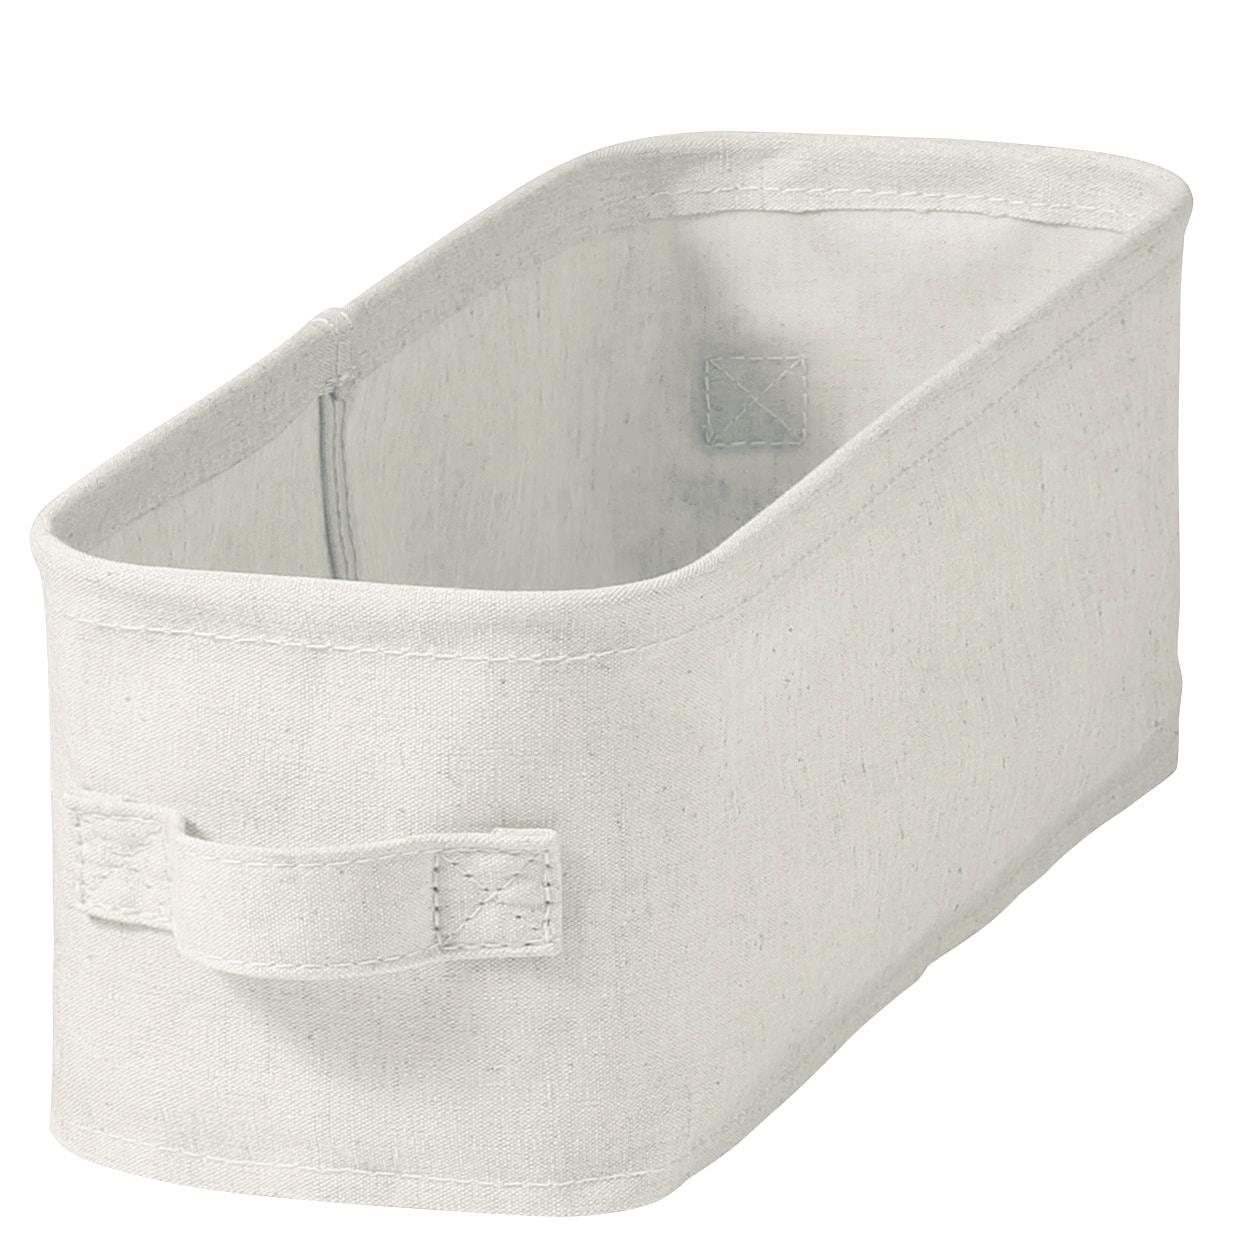 [무인양품] MUJI 폴리에스테르 면마혼방・소프트 박스 정리함・얕은형・하프 일본공식스토어 상품